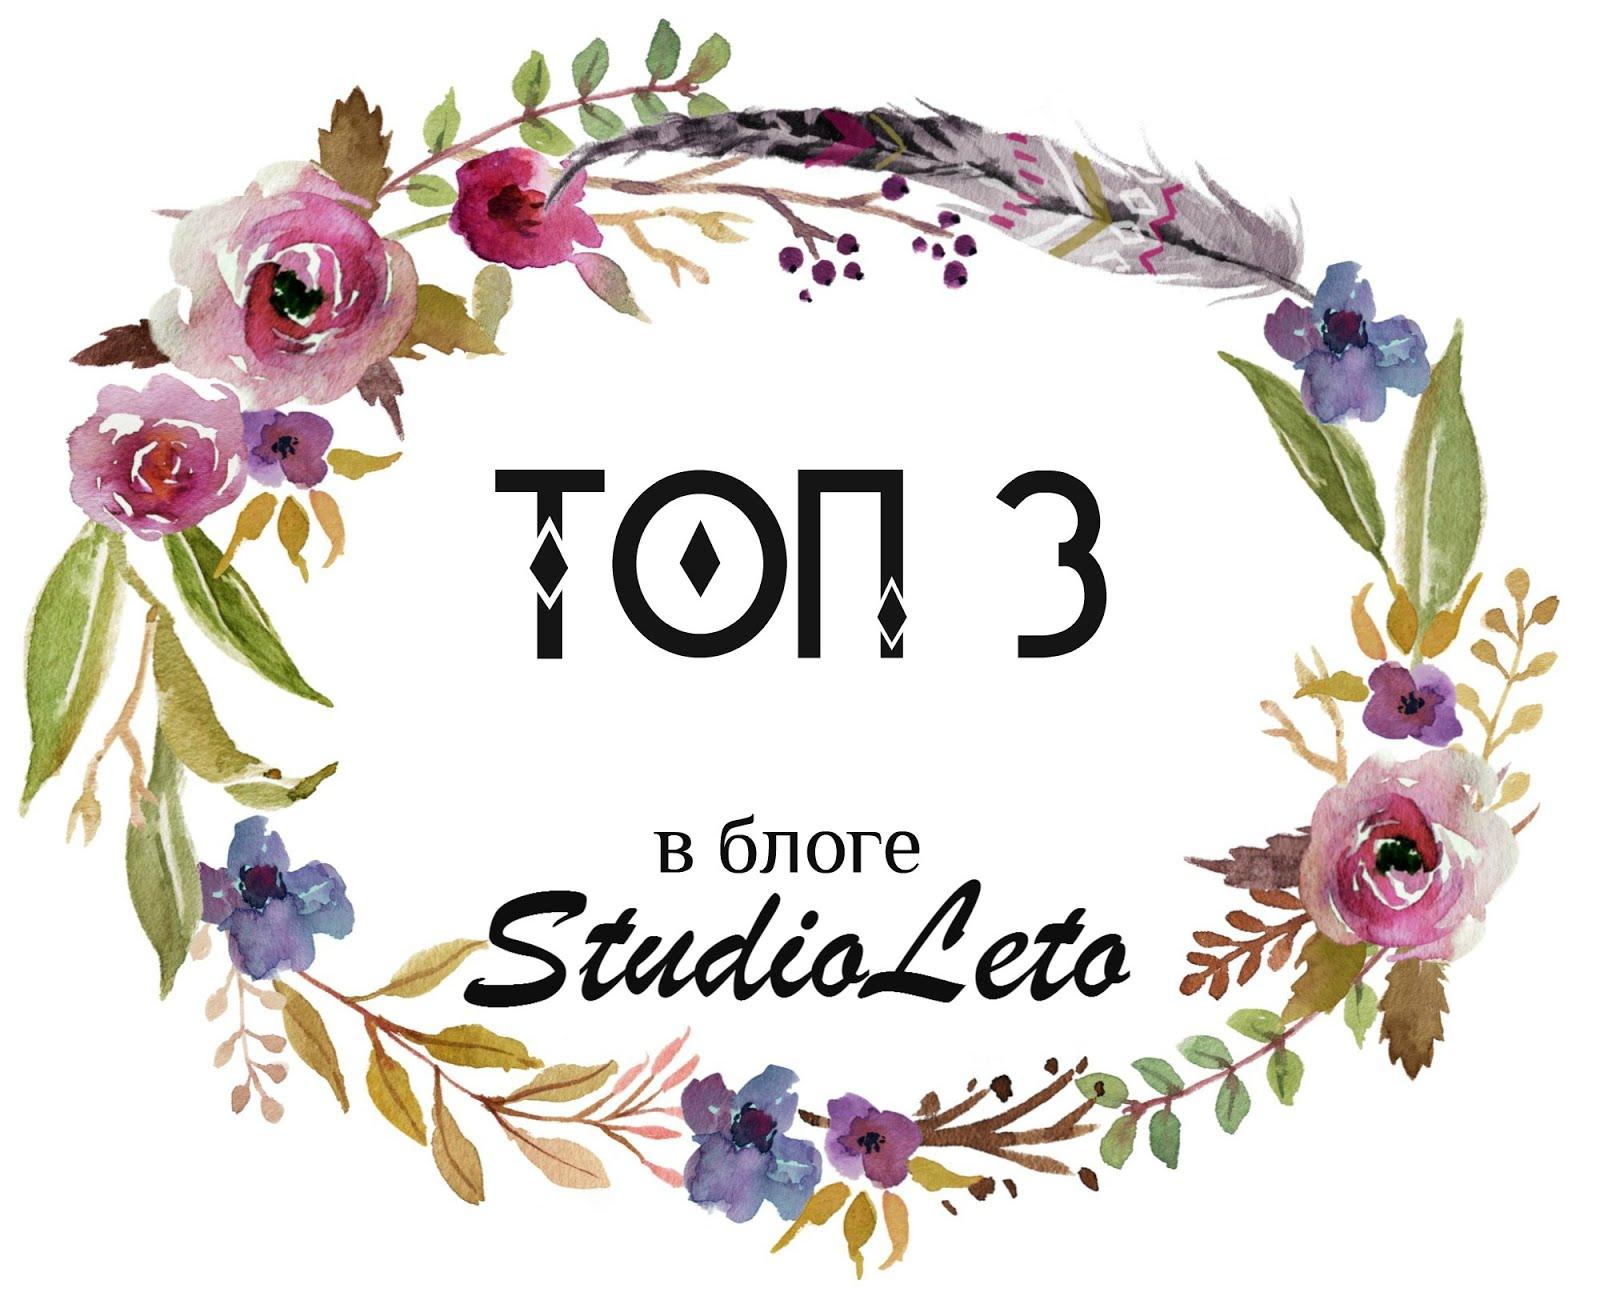 Топ 3 от Студио Лето